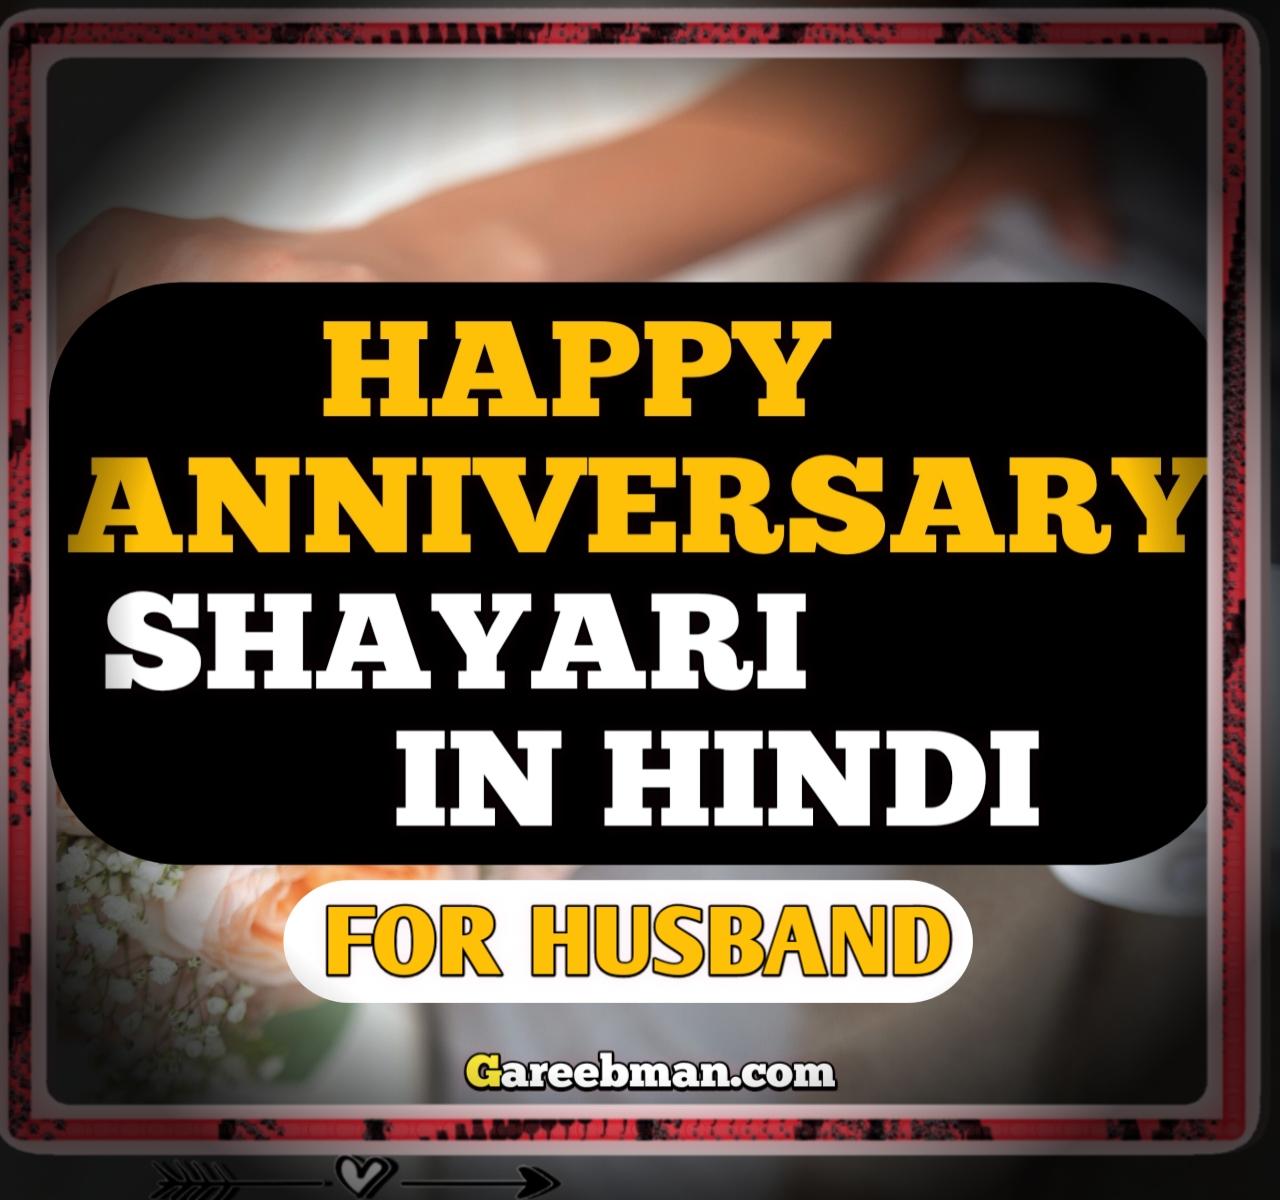 Anniversary shayari for husband